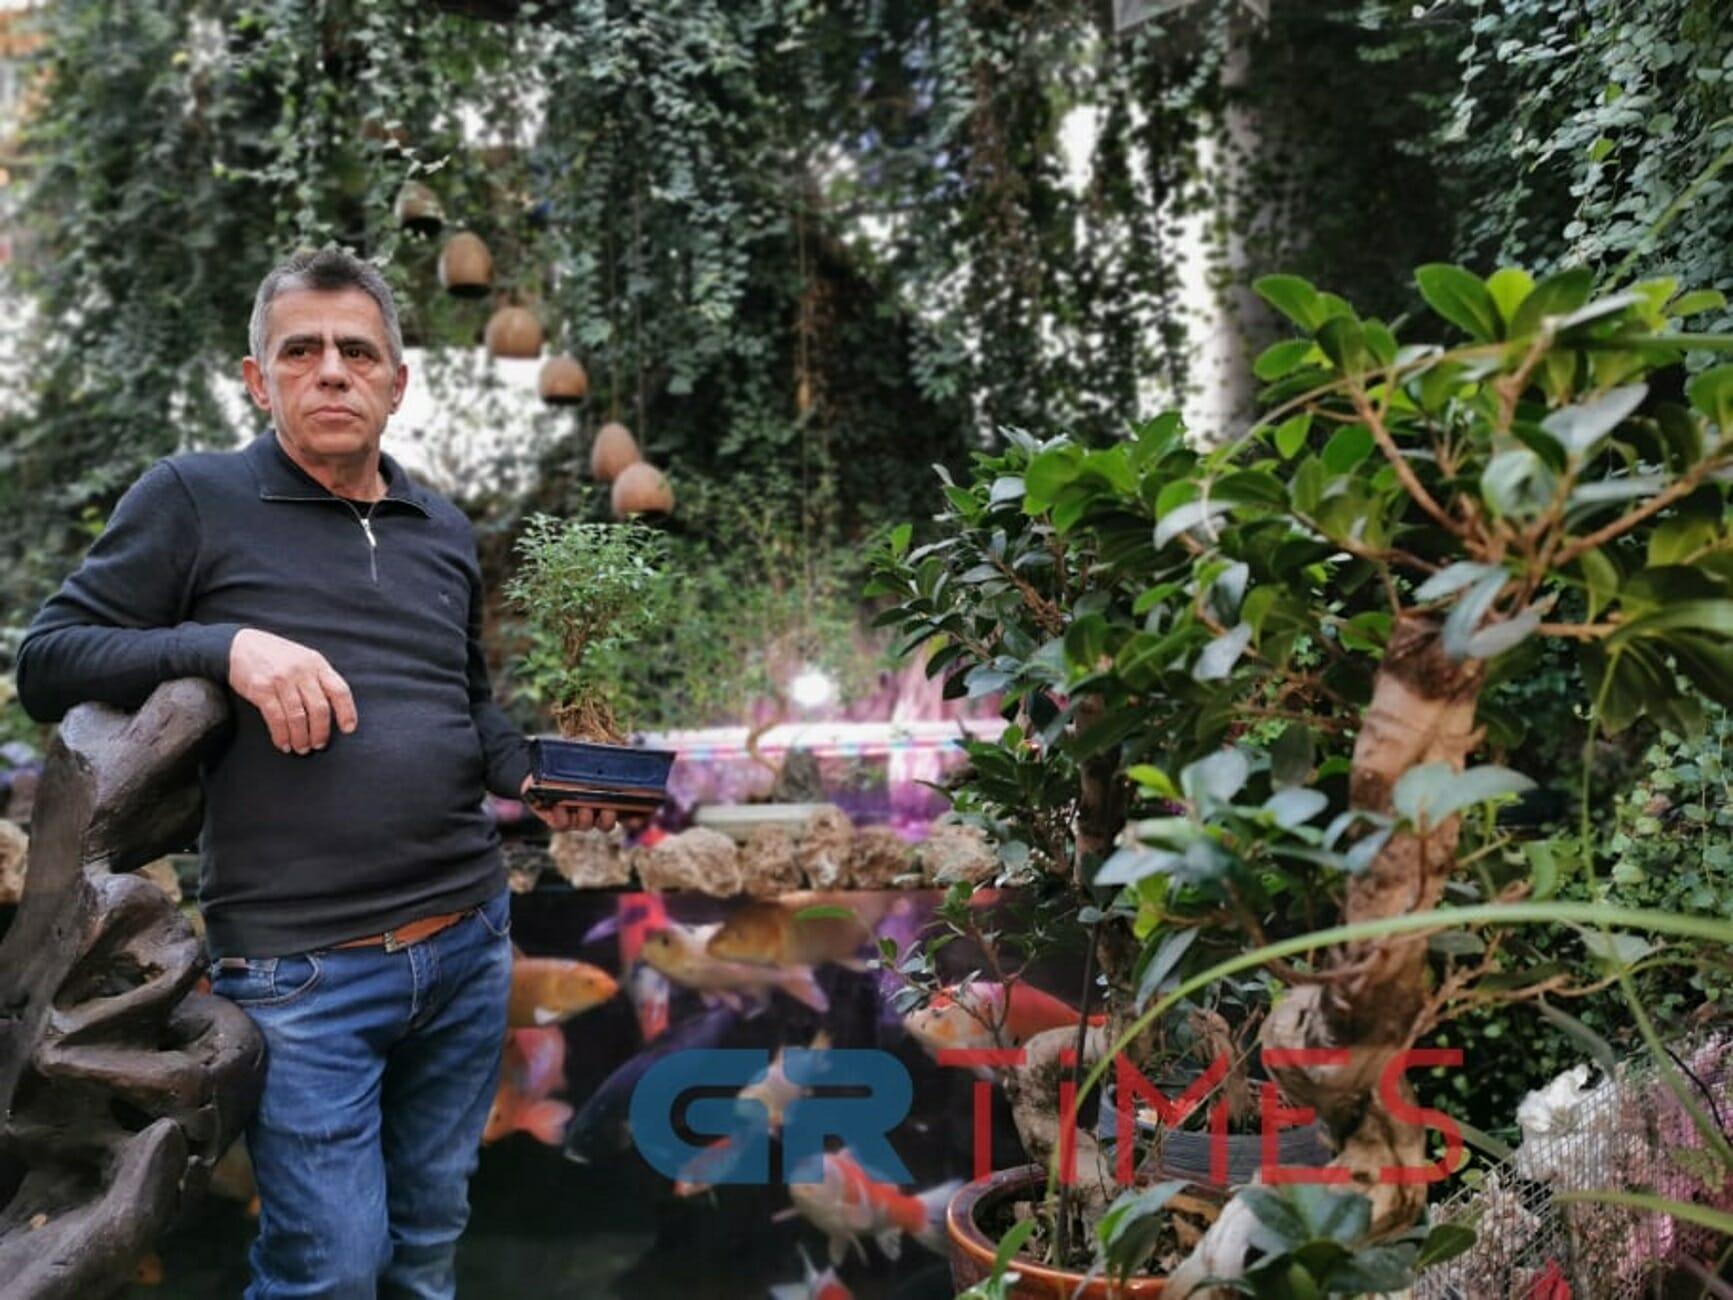 Θεσσαλονίκη: Έφτιαξε το σπίτι των ονείρων του μετά από 40 χρόνια! Μοναδικές εικόνες στην Καλαμαριά (Βίντεο)